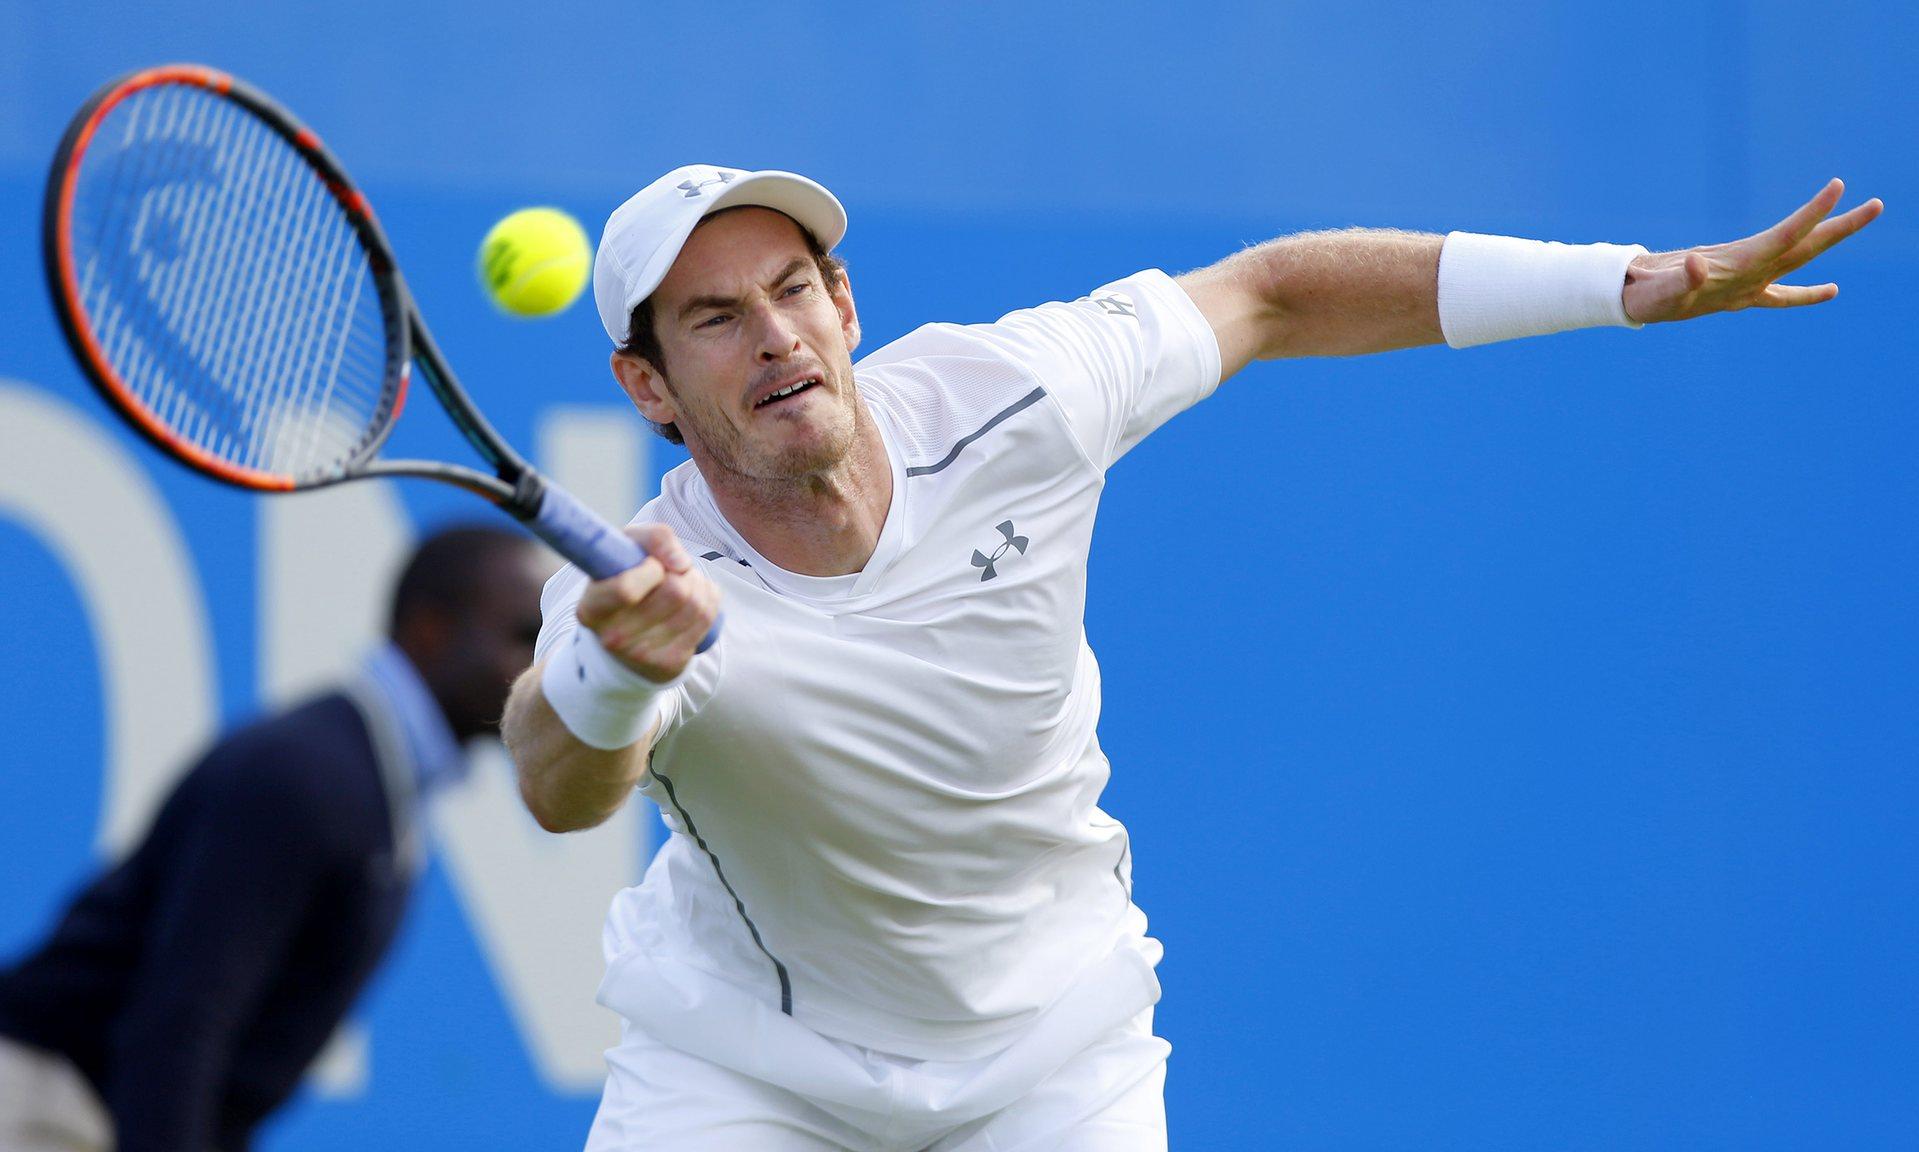 Энди Маррей выиграл первый матч турнира ATP в Лондоне